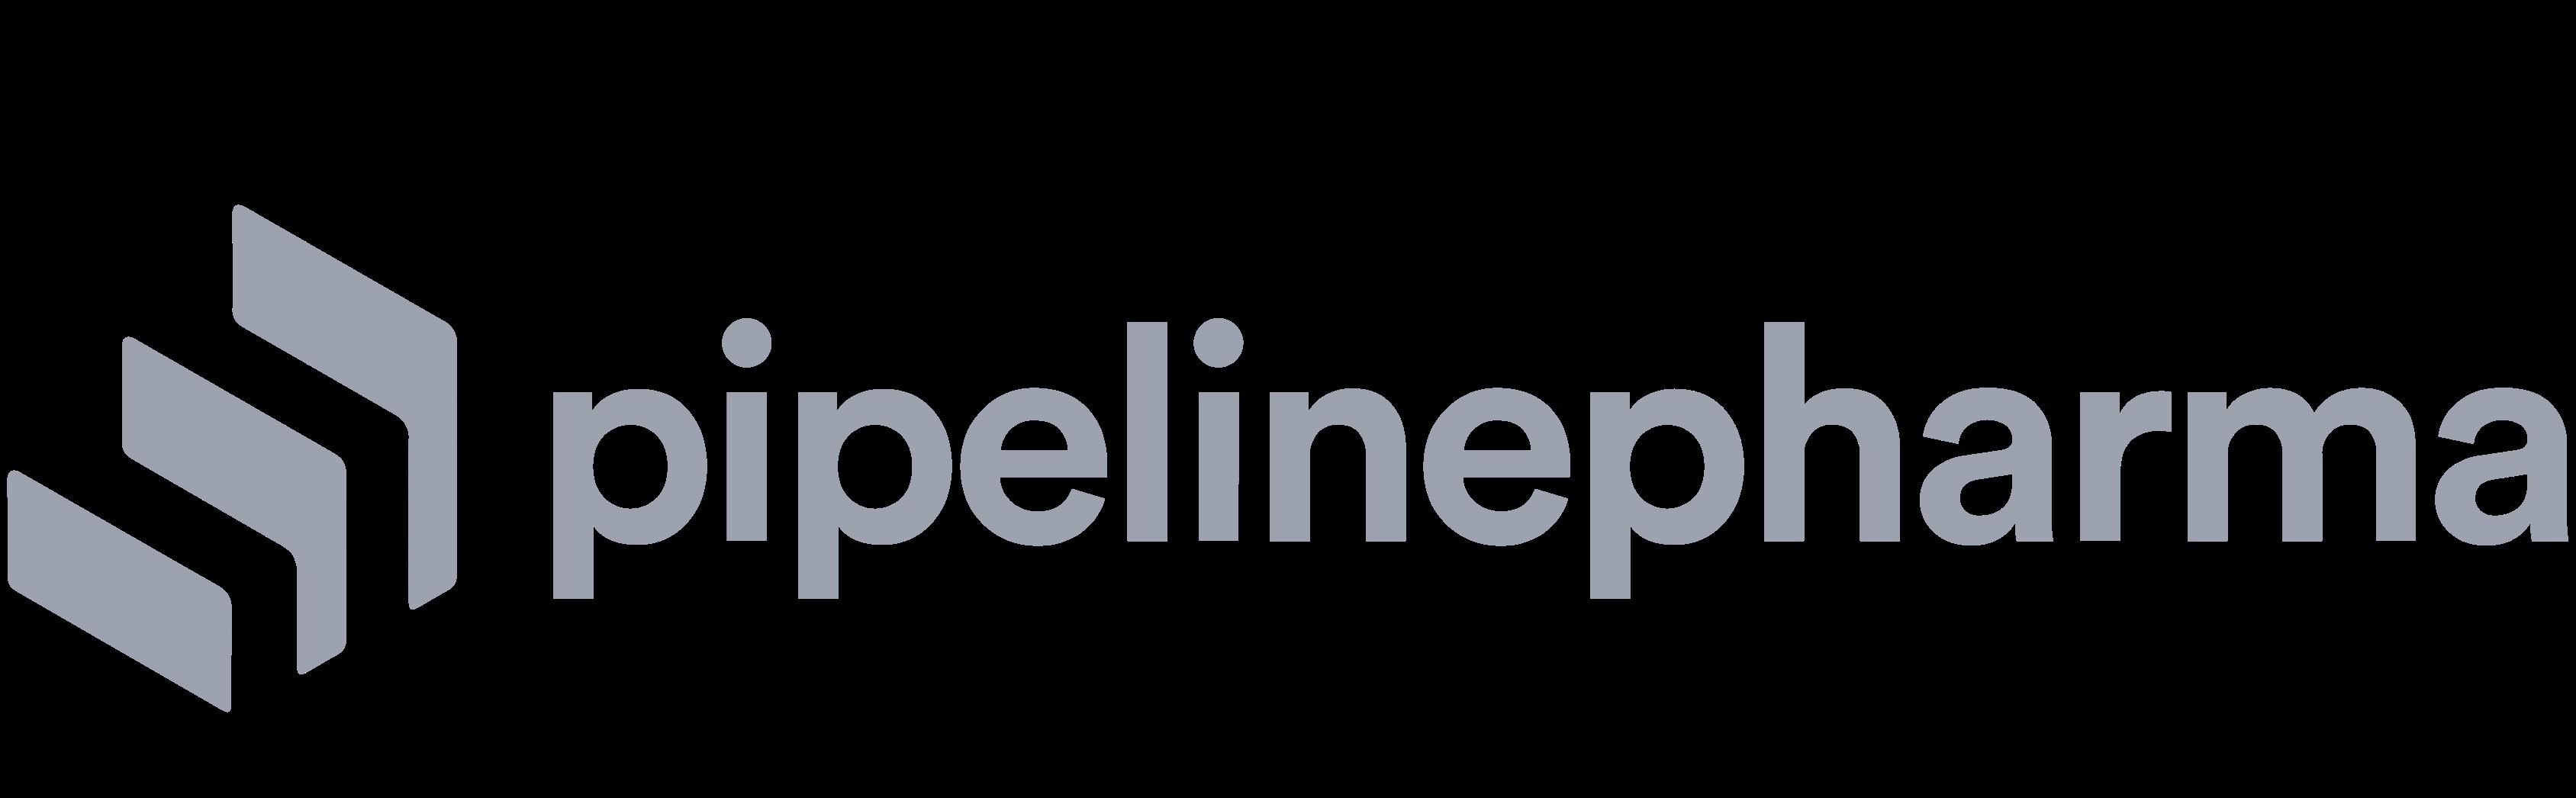 Pipelinepharma